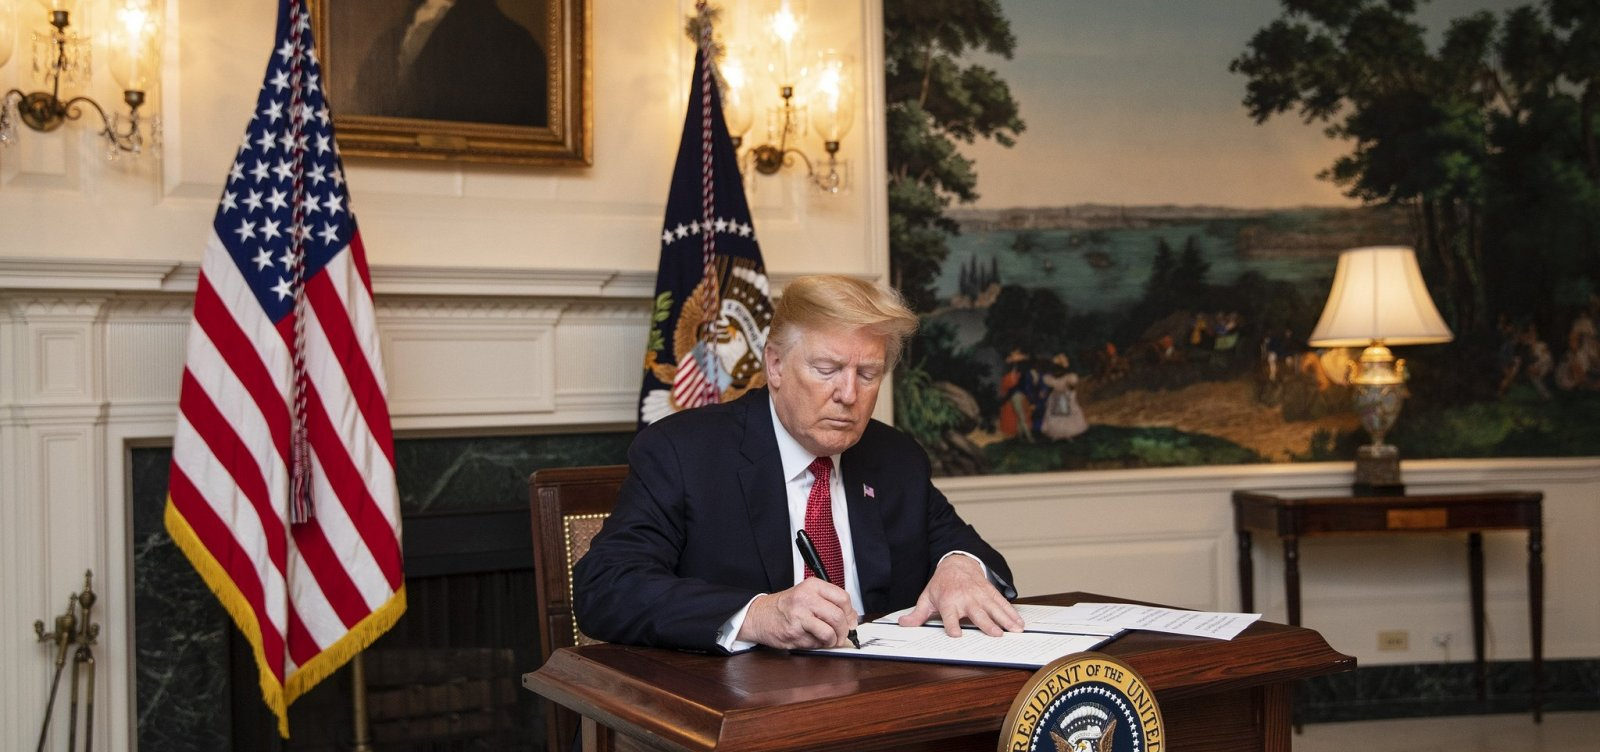 [Trump assina ordem imigratória que impedirá imigrantes ilegais de pedir asilo]